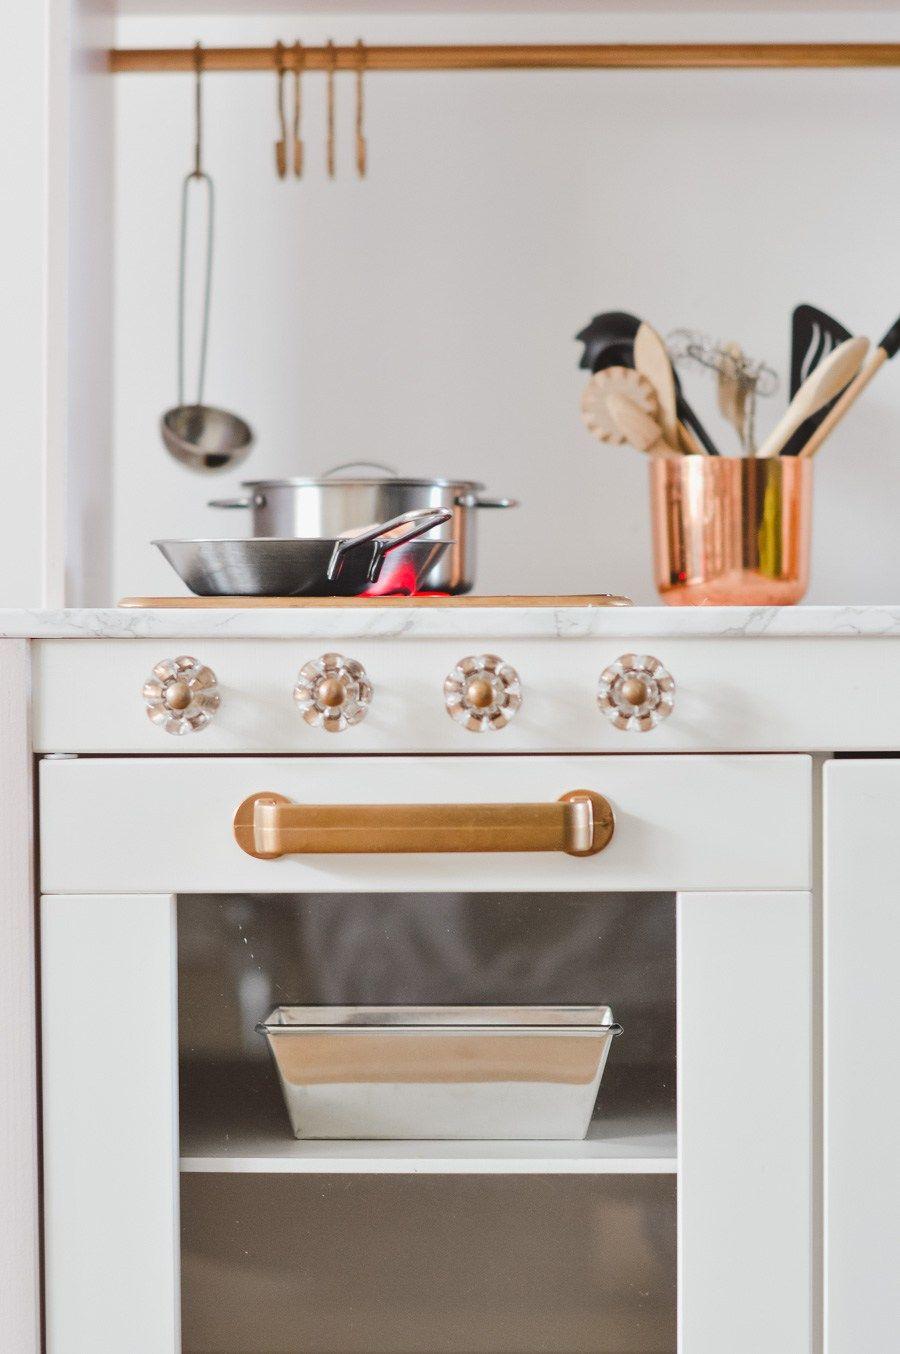 IKEA Kinderküche pimpen: Eine kleine Anleitung | Kinder ...